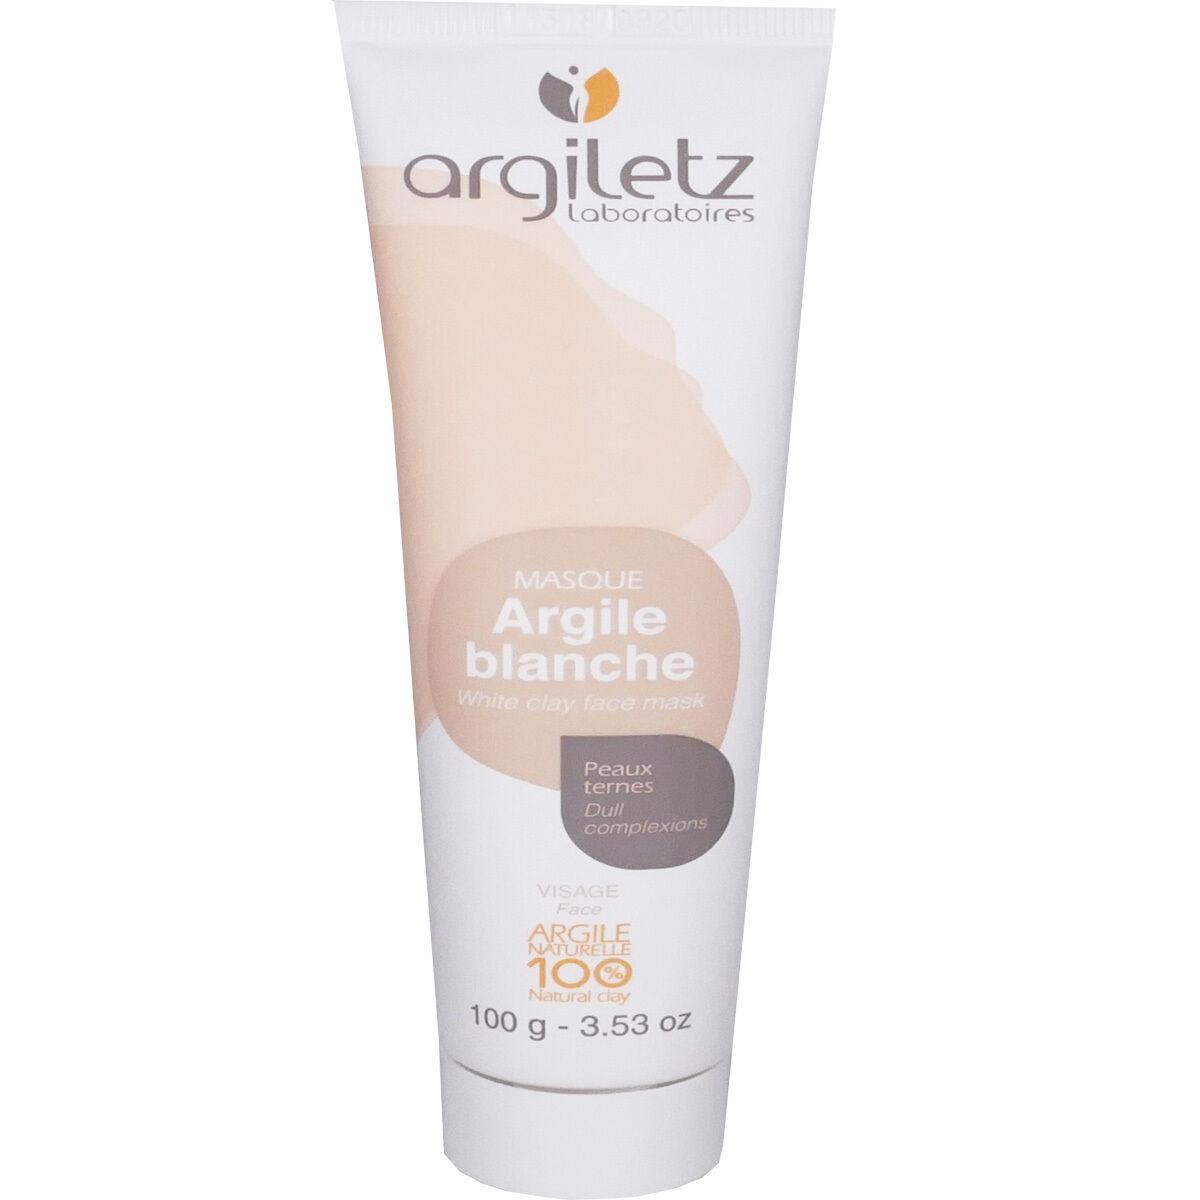 Argiletz argile blanche peaux ternes 100 g